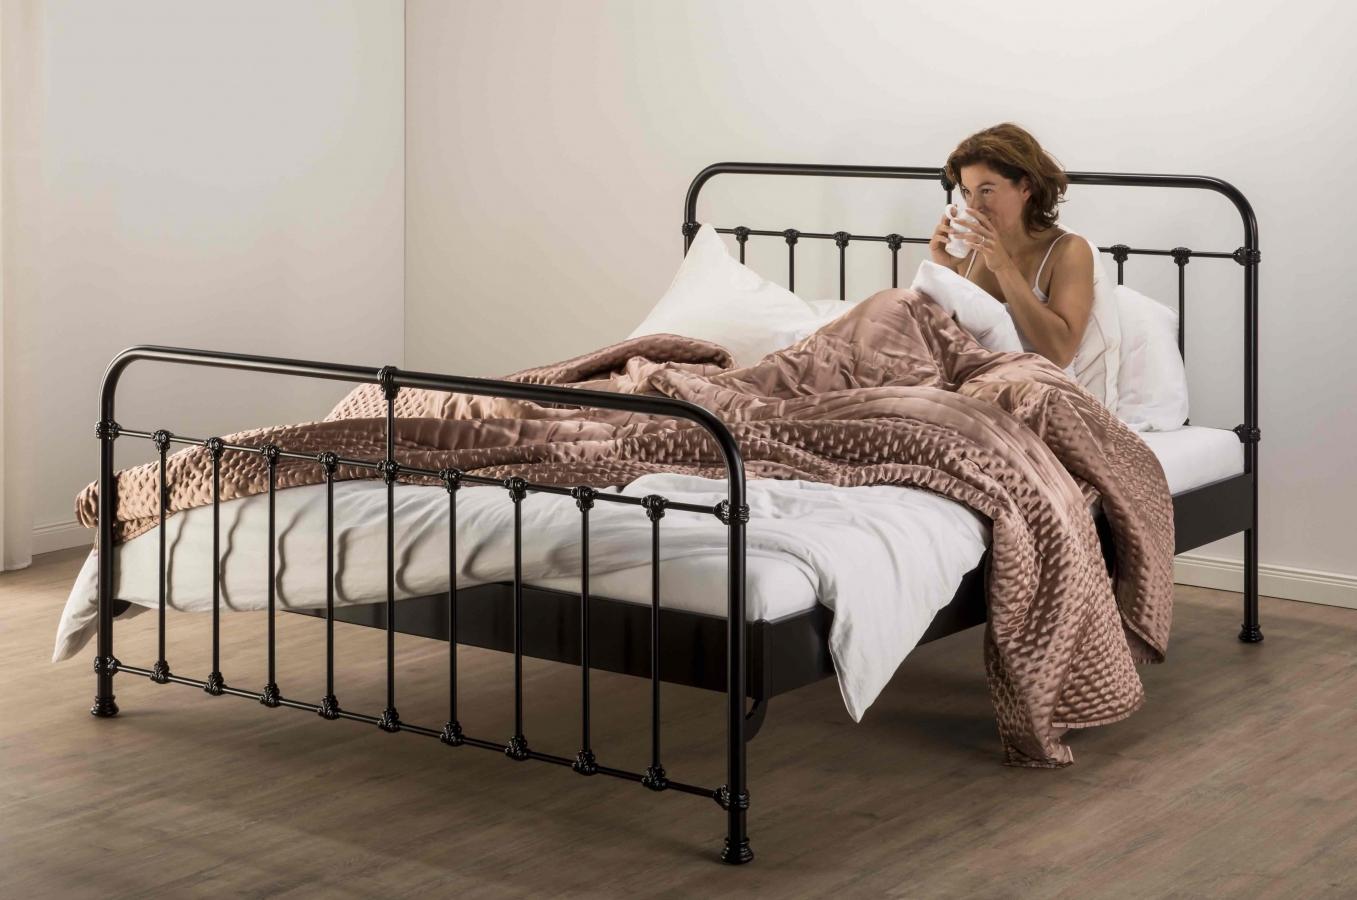 Full Size of Metallbett 100x200 Bett James Jetzt Online Kaufen Ironbedde Weiß Betten Wohnzimmer Metallbett 100x200